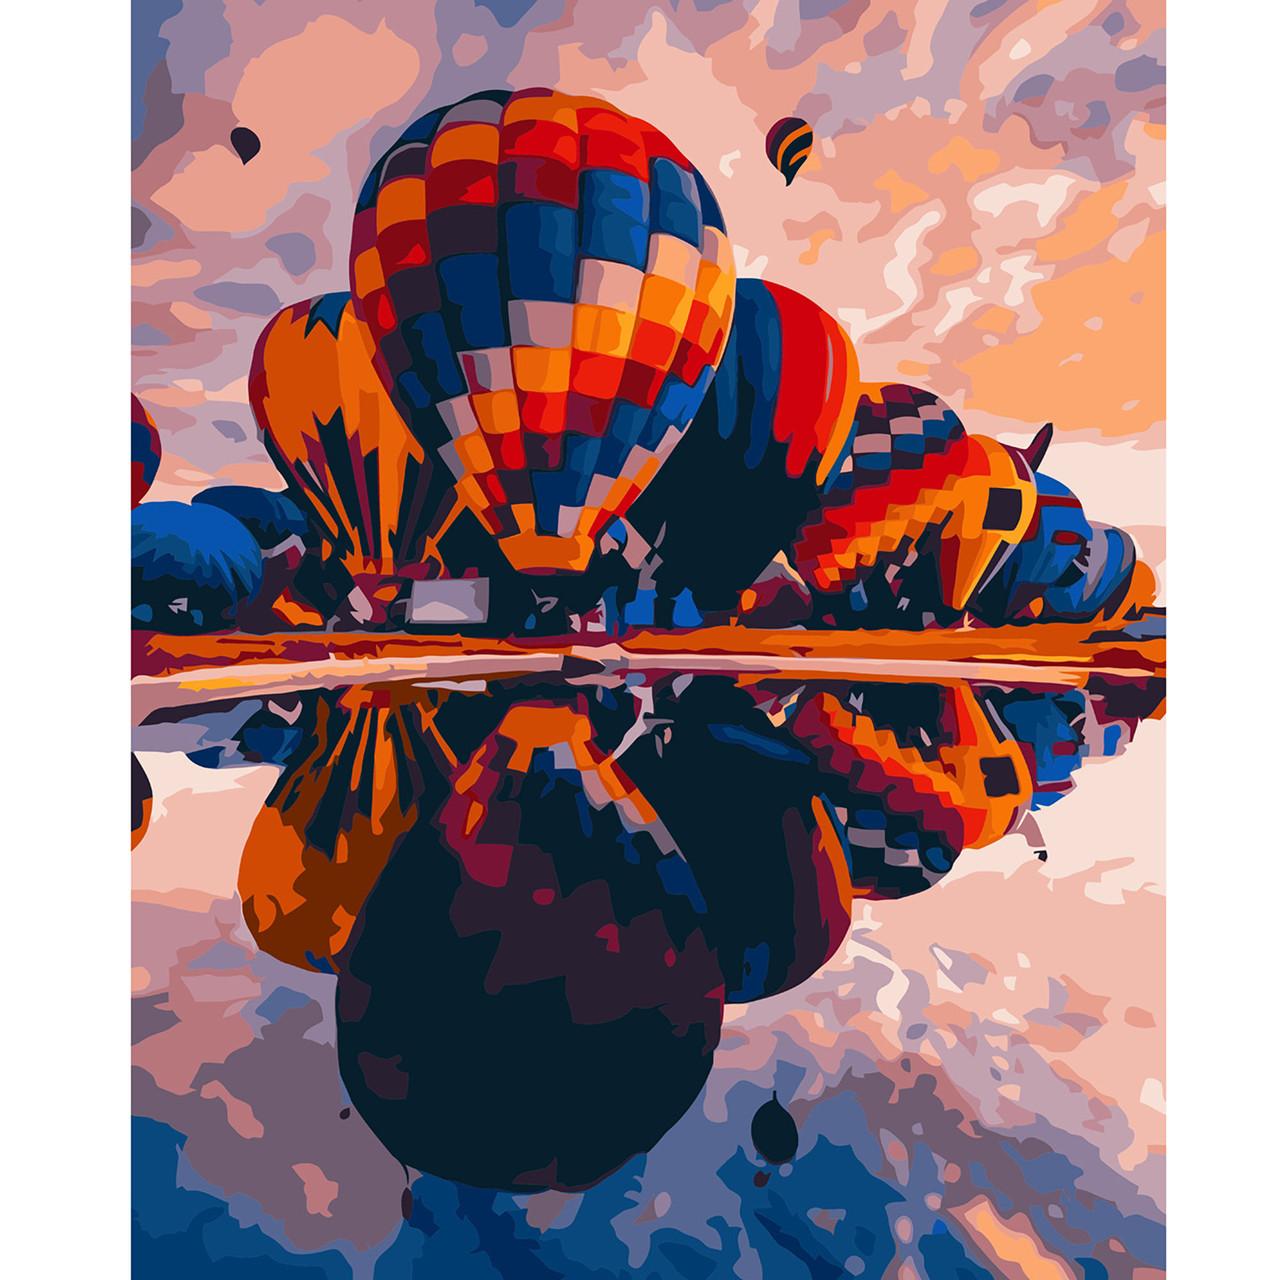 Картина по Номерам Яркие воздушные шары 40х50см Starteg в коробке